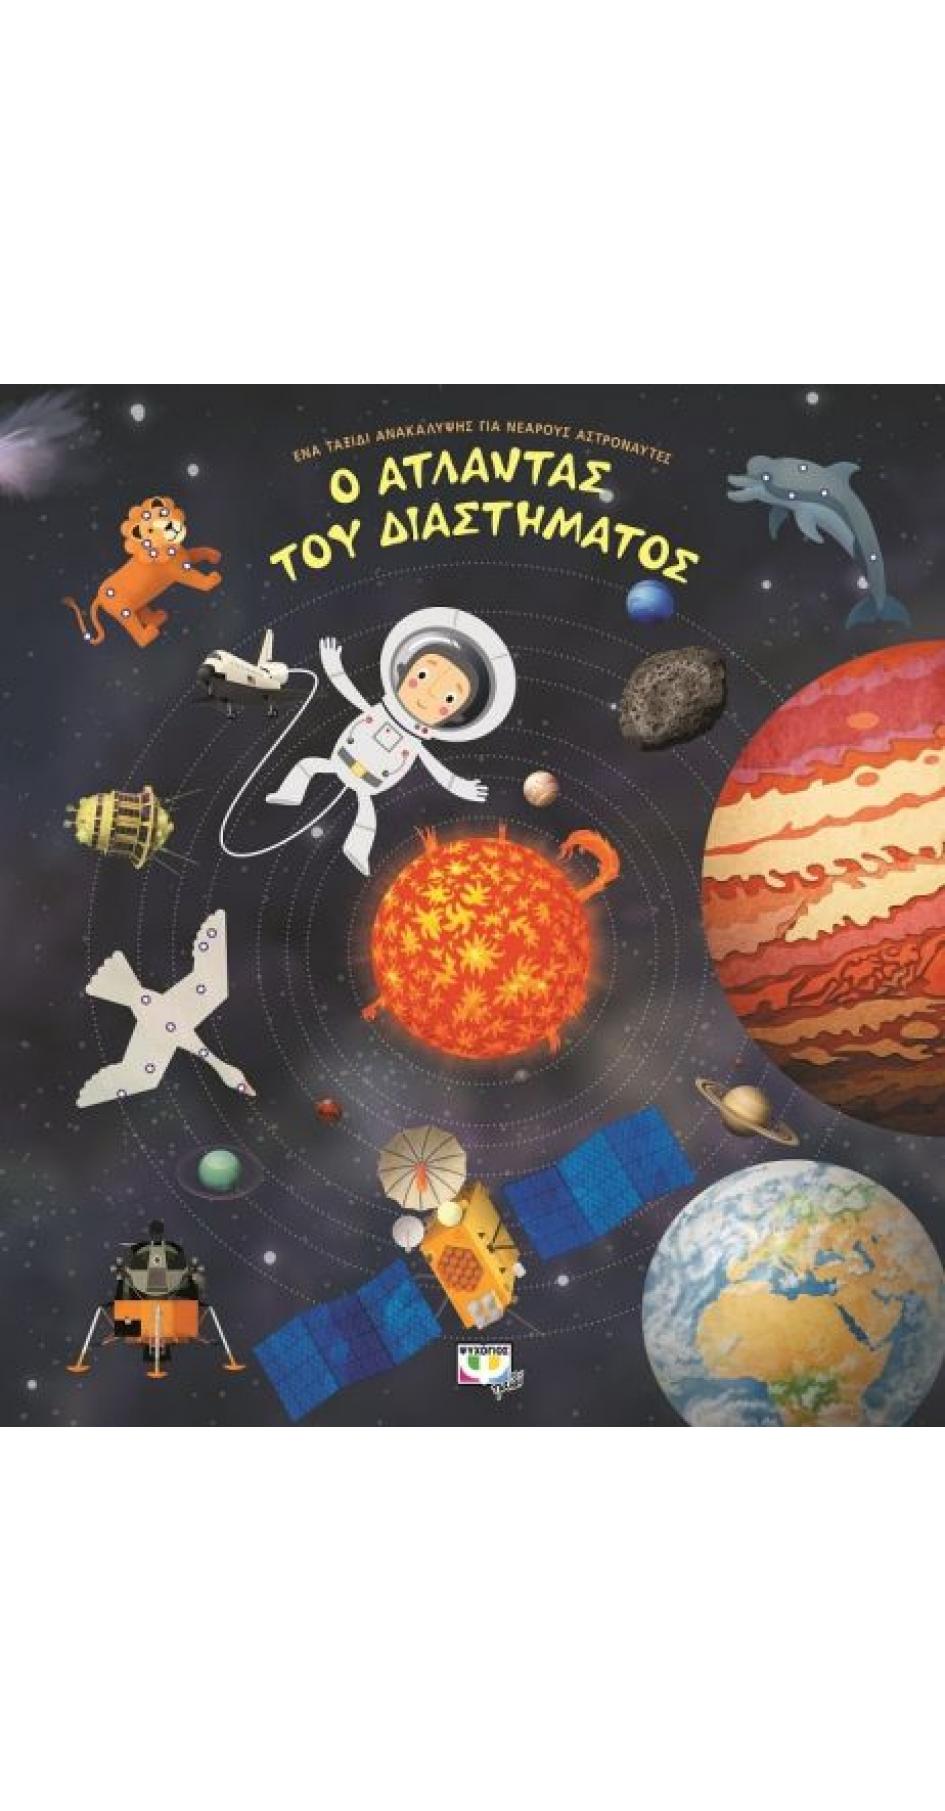 Ο άτλαντας του διαστήματος (book in Greek)